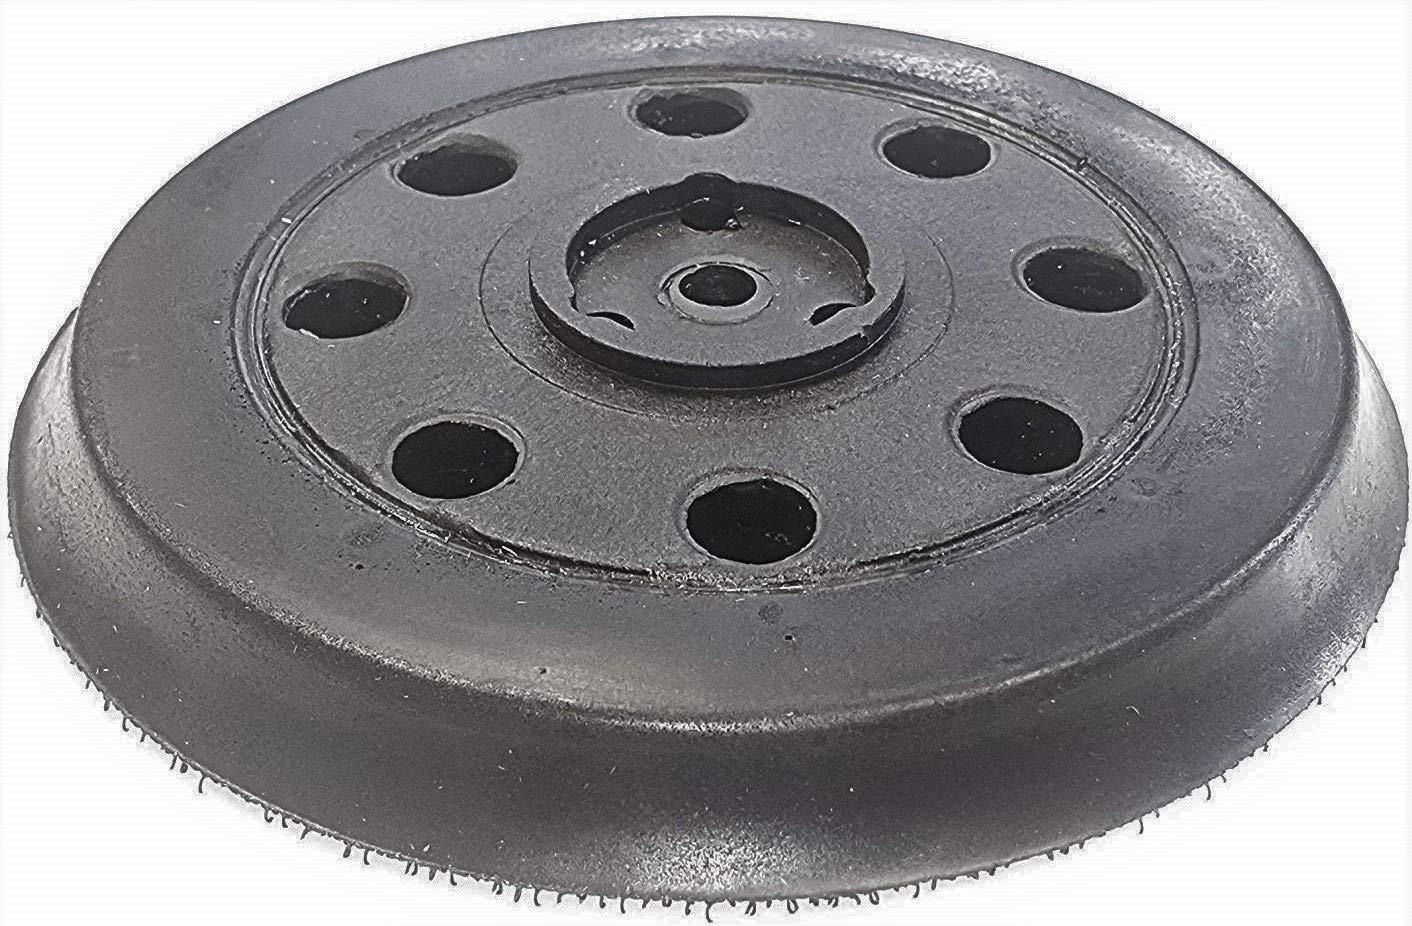 dureza media compatible con lijadora exc/éntrica Bosch y Skil. Disco de lijado FD-Workstuff con 8 orificios de 125 mm de di/ámetro